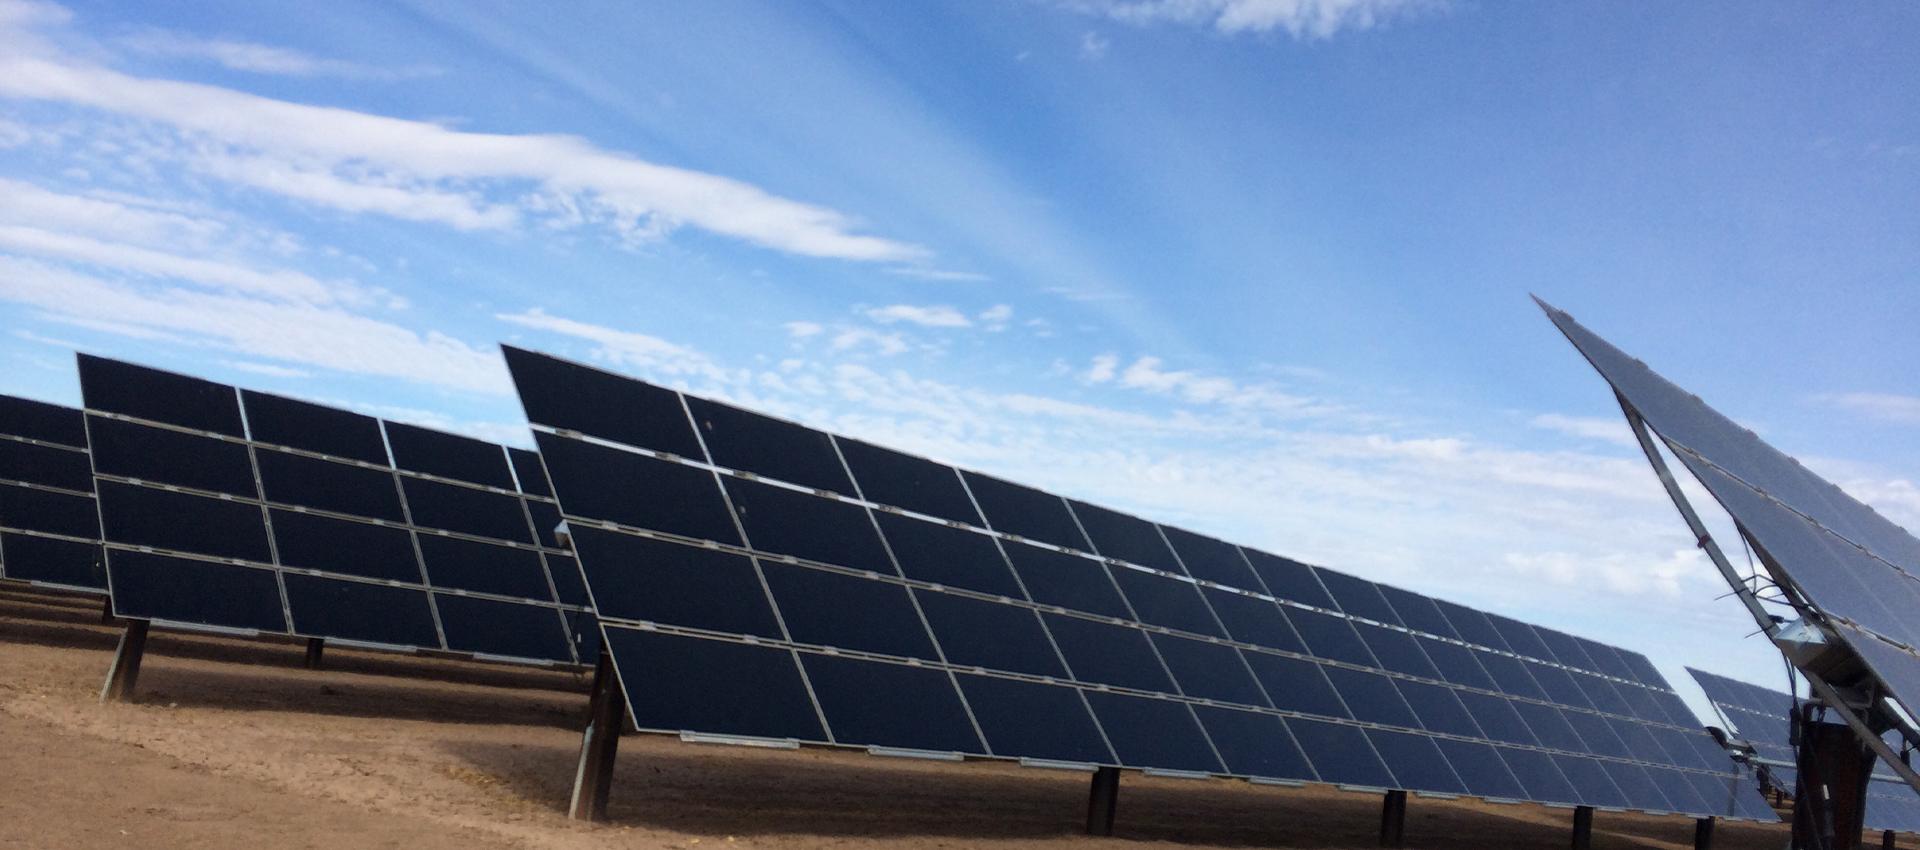 SOLUCIONES TECNOLÓGICAS Y ENERGÍA RENOVABLE